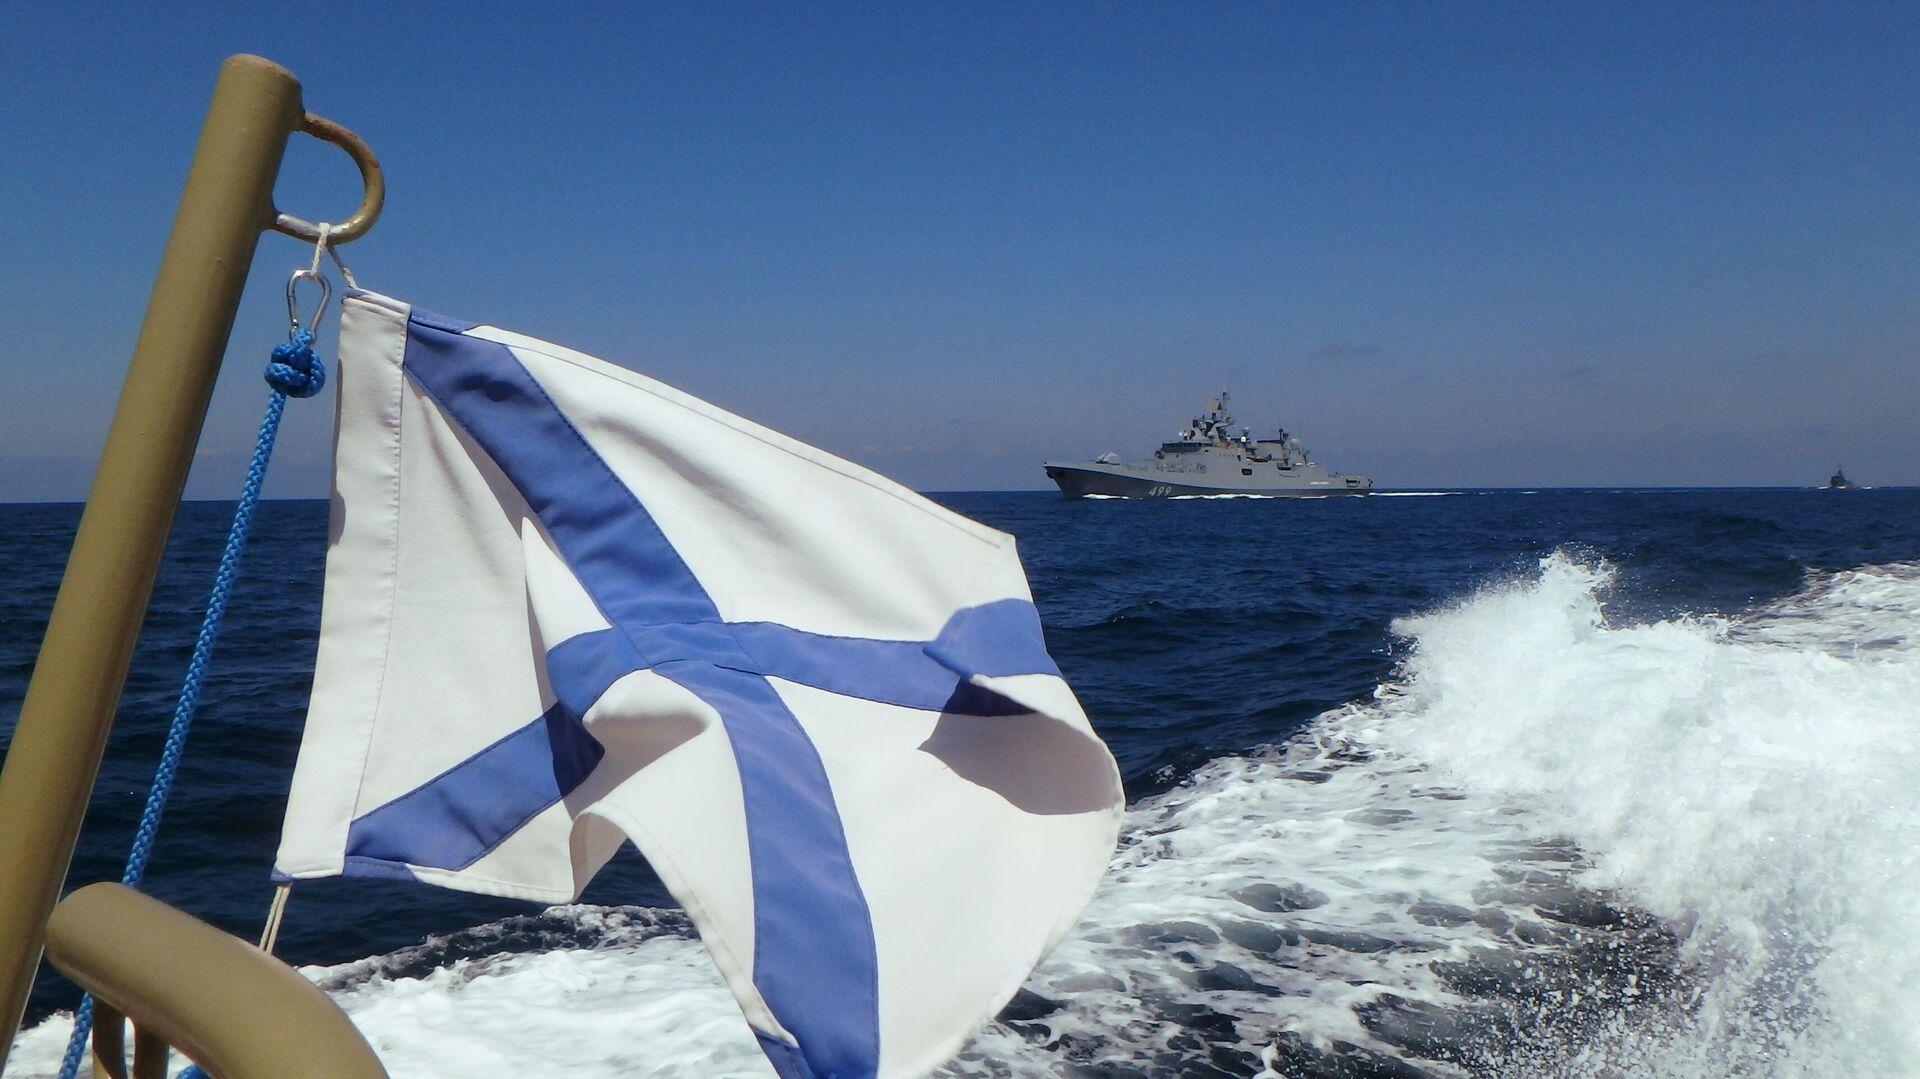 Proba parade ruskih brodova u sirijskoj luci Tartus - Sputnik Srbija, 1920, 24.07.2021